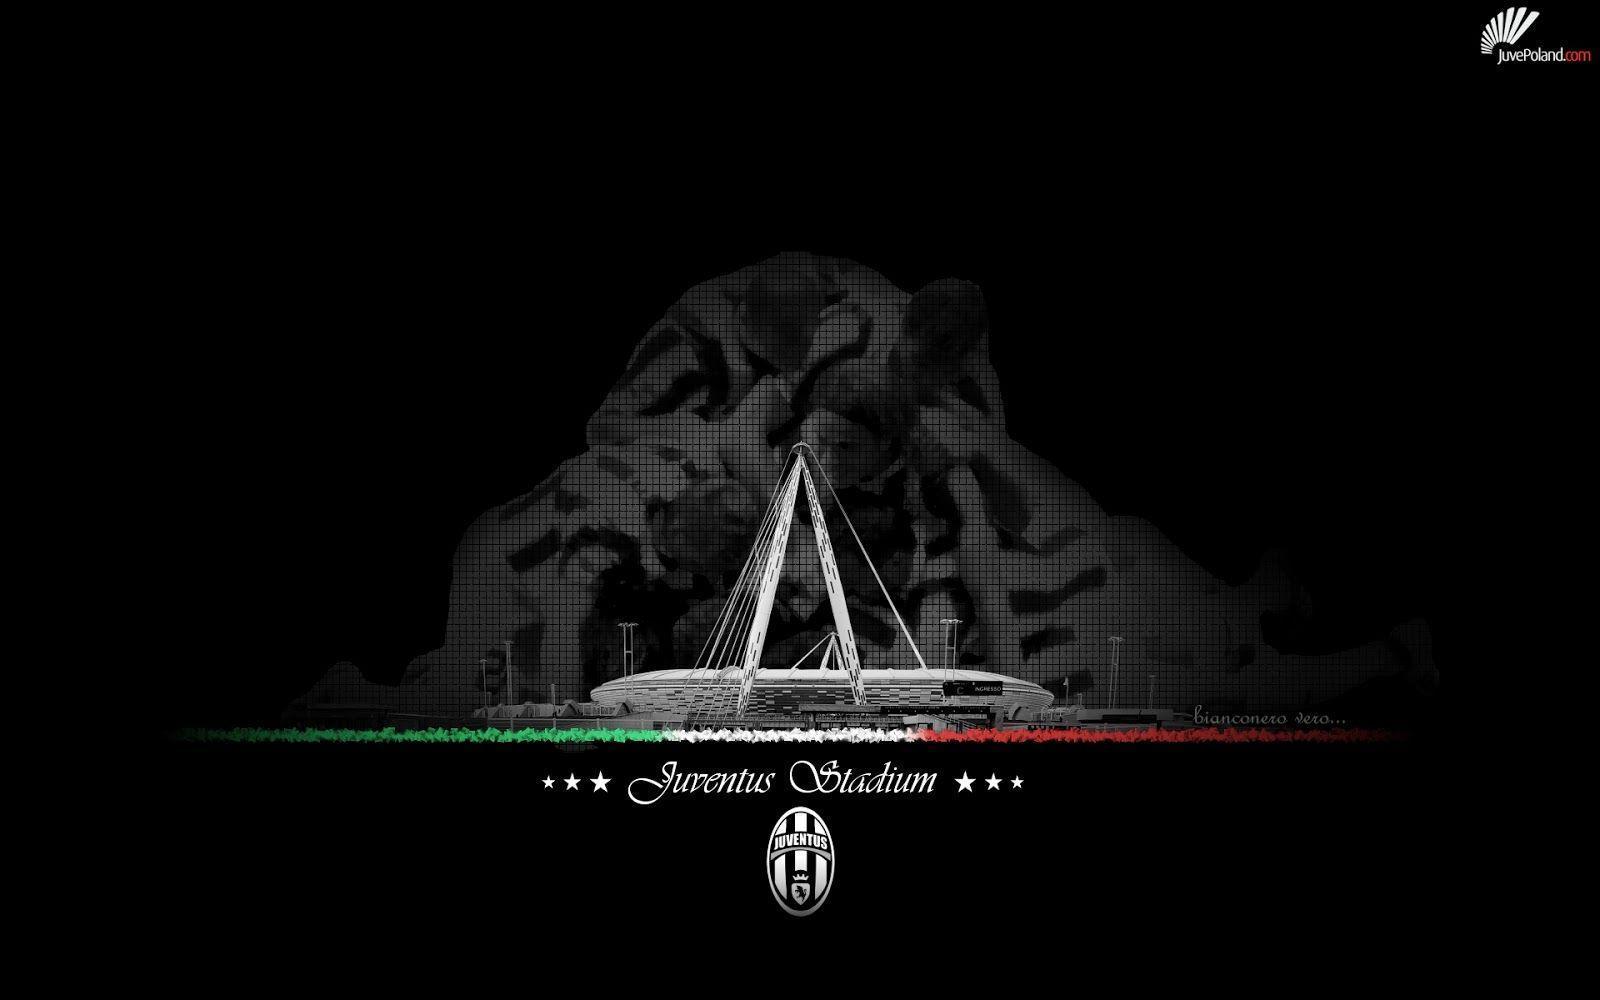 Juventus stadium wallpapers wallpaper cave for Sfondi animati juventus